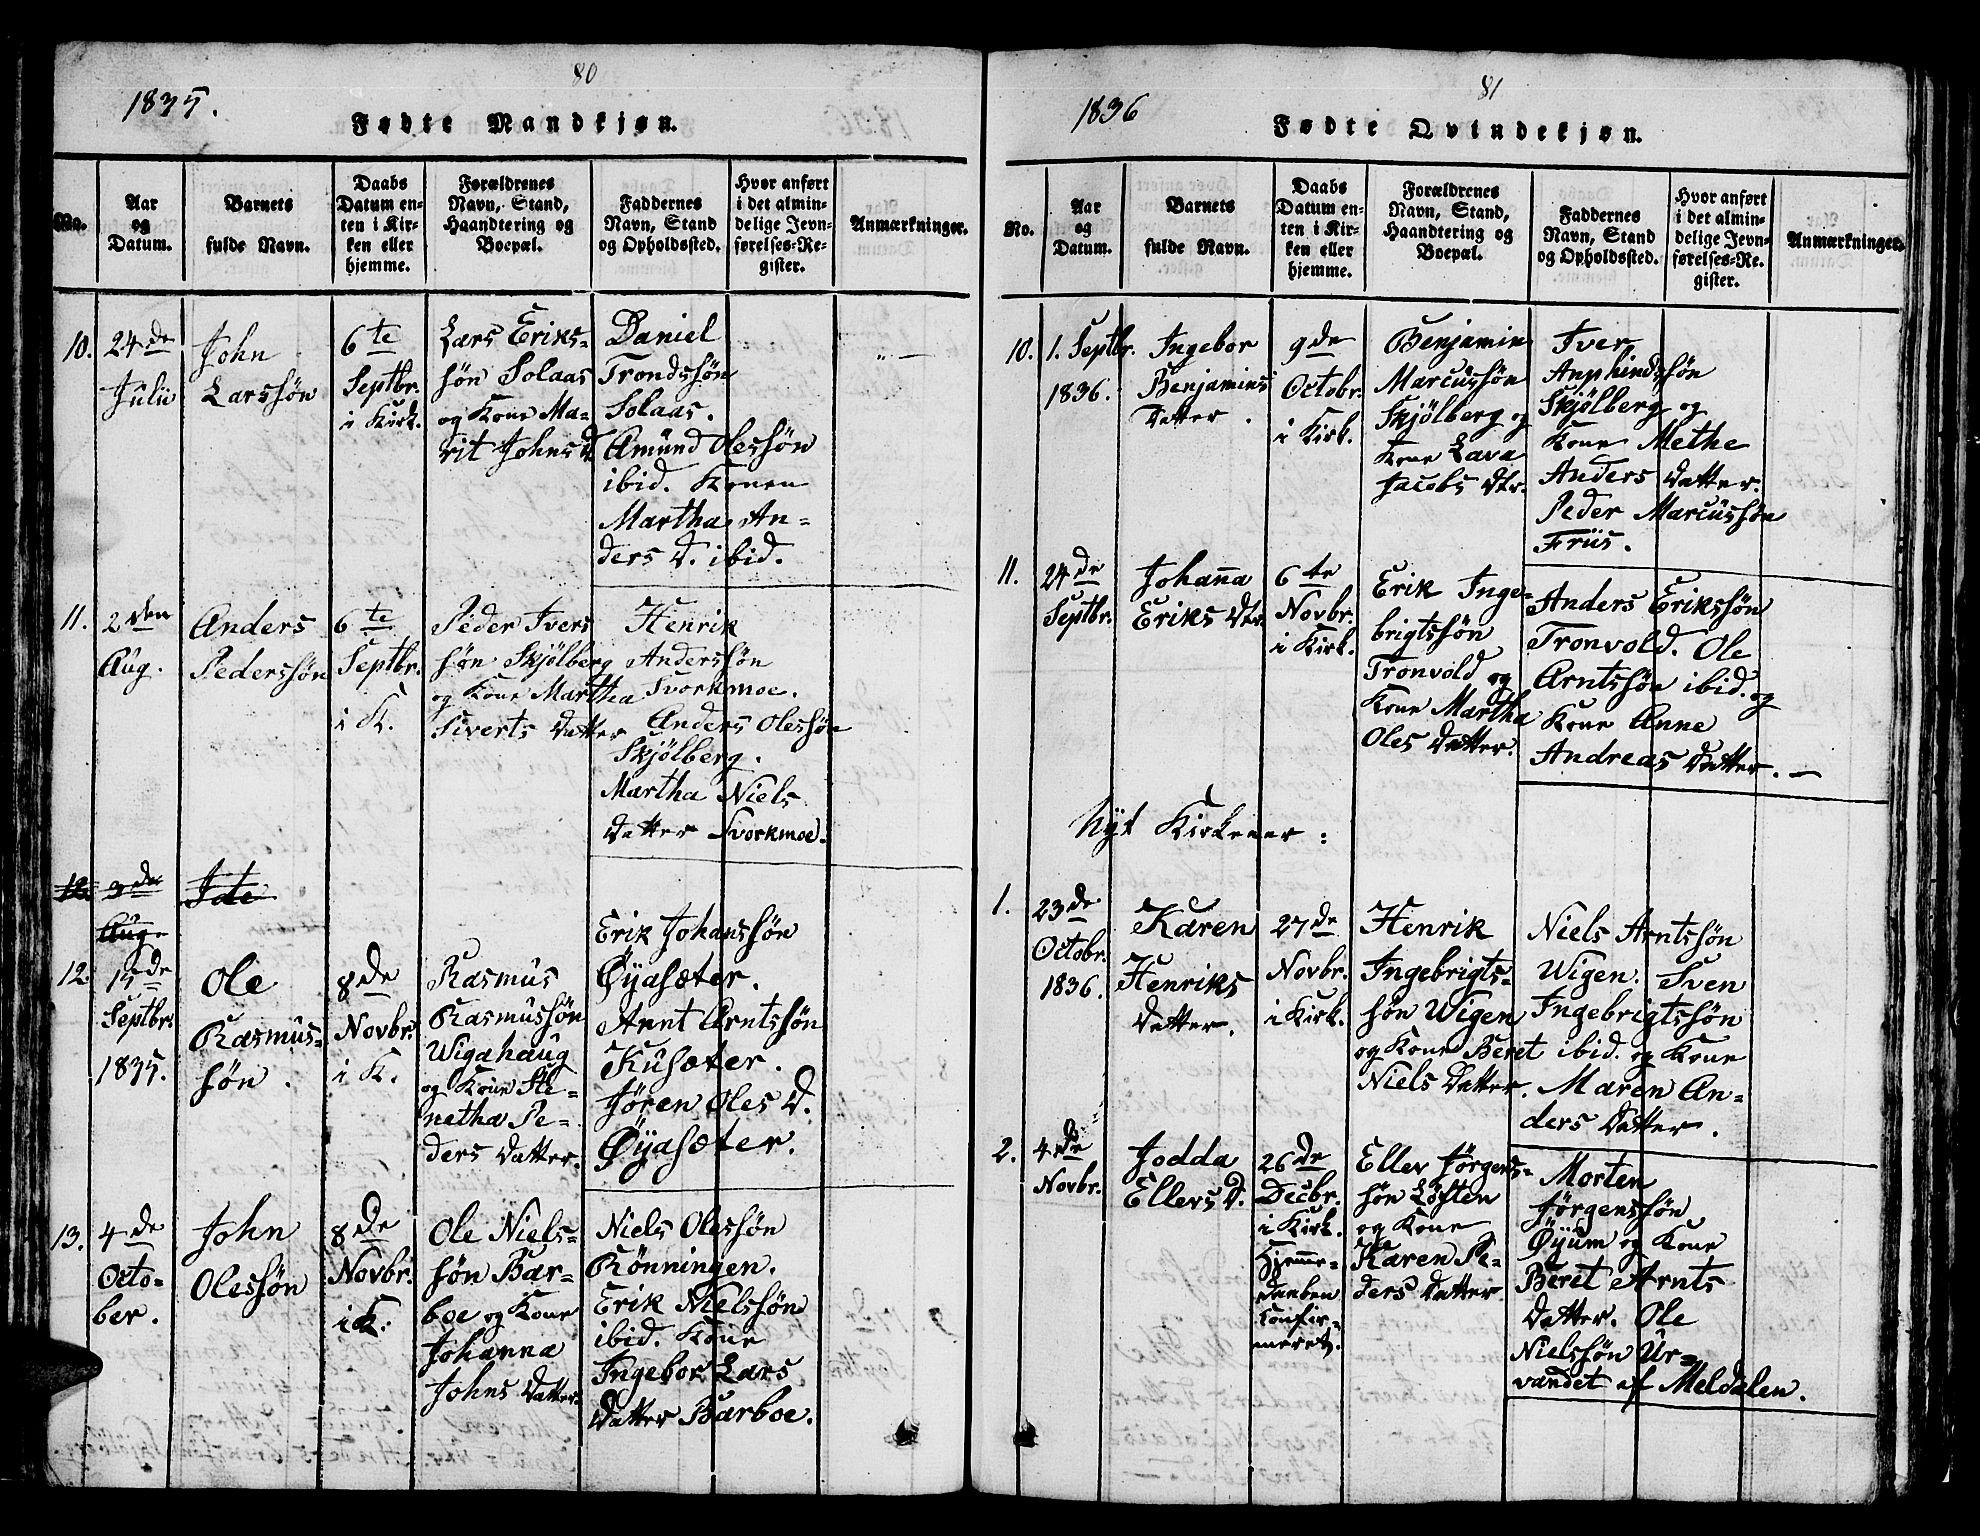 SAT, Ministerialprotokoller, klokkerbøker og fødselsregistre - Sør-Trøndelag, 671/L0842: Klokkerbok nr. 671C01, 1816-1867, s. 80-81